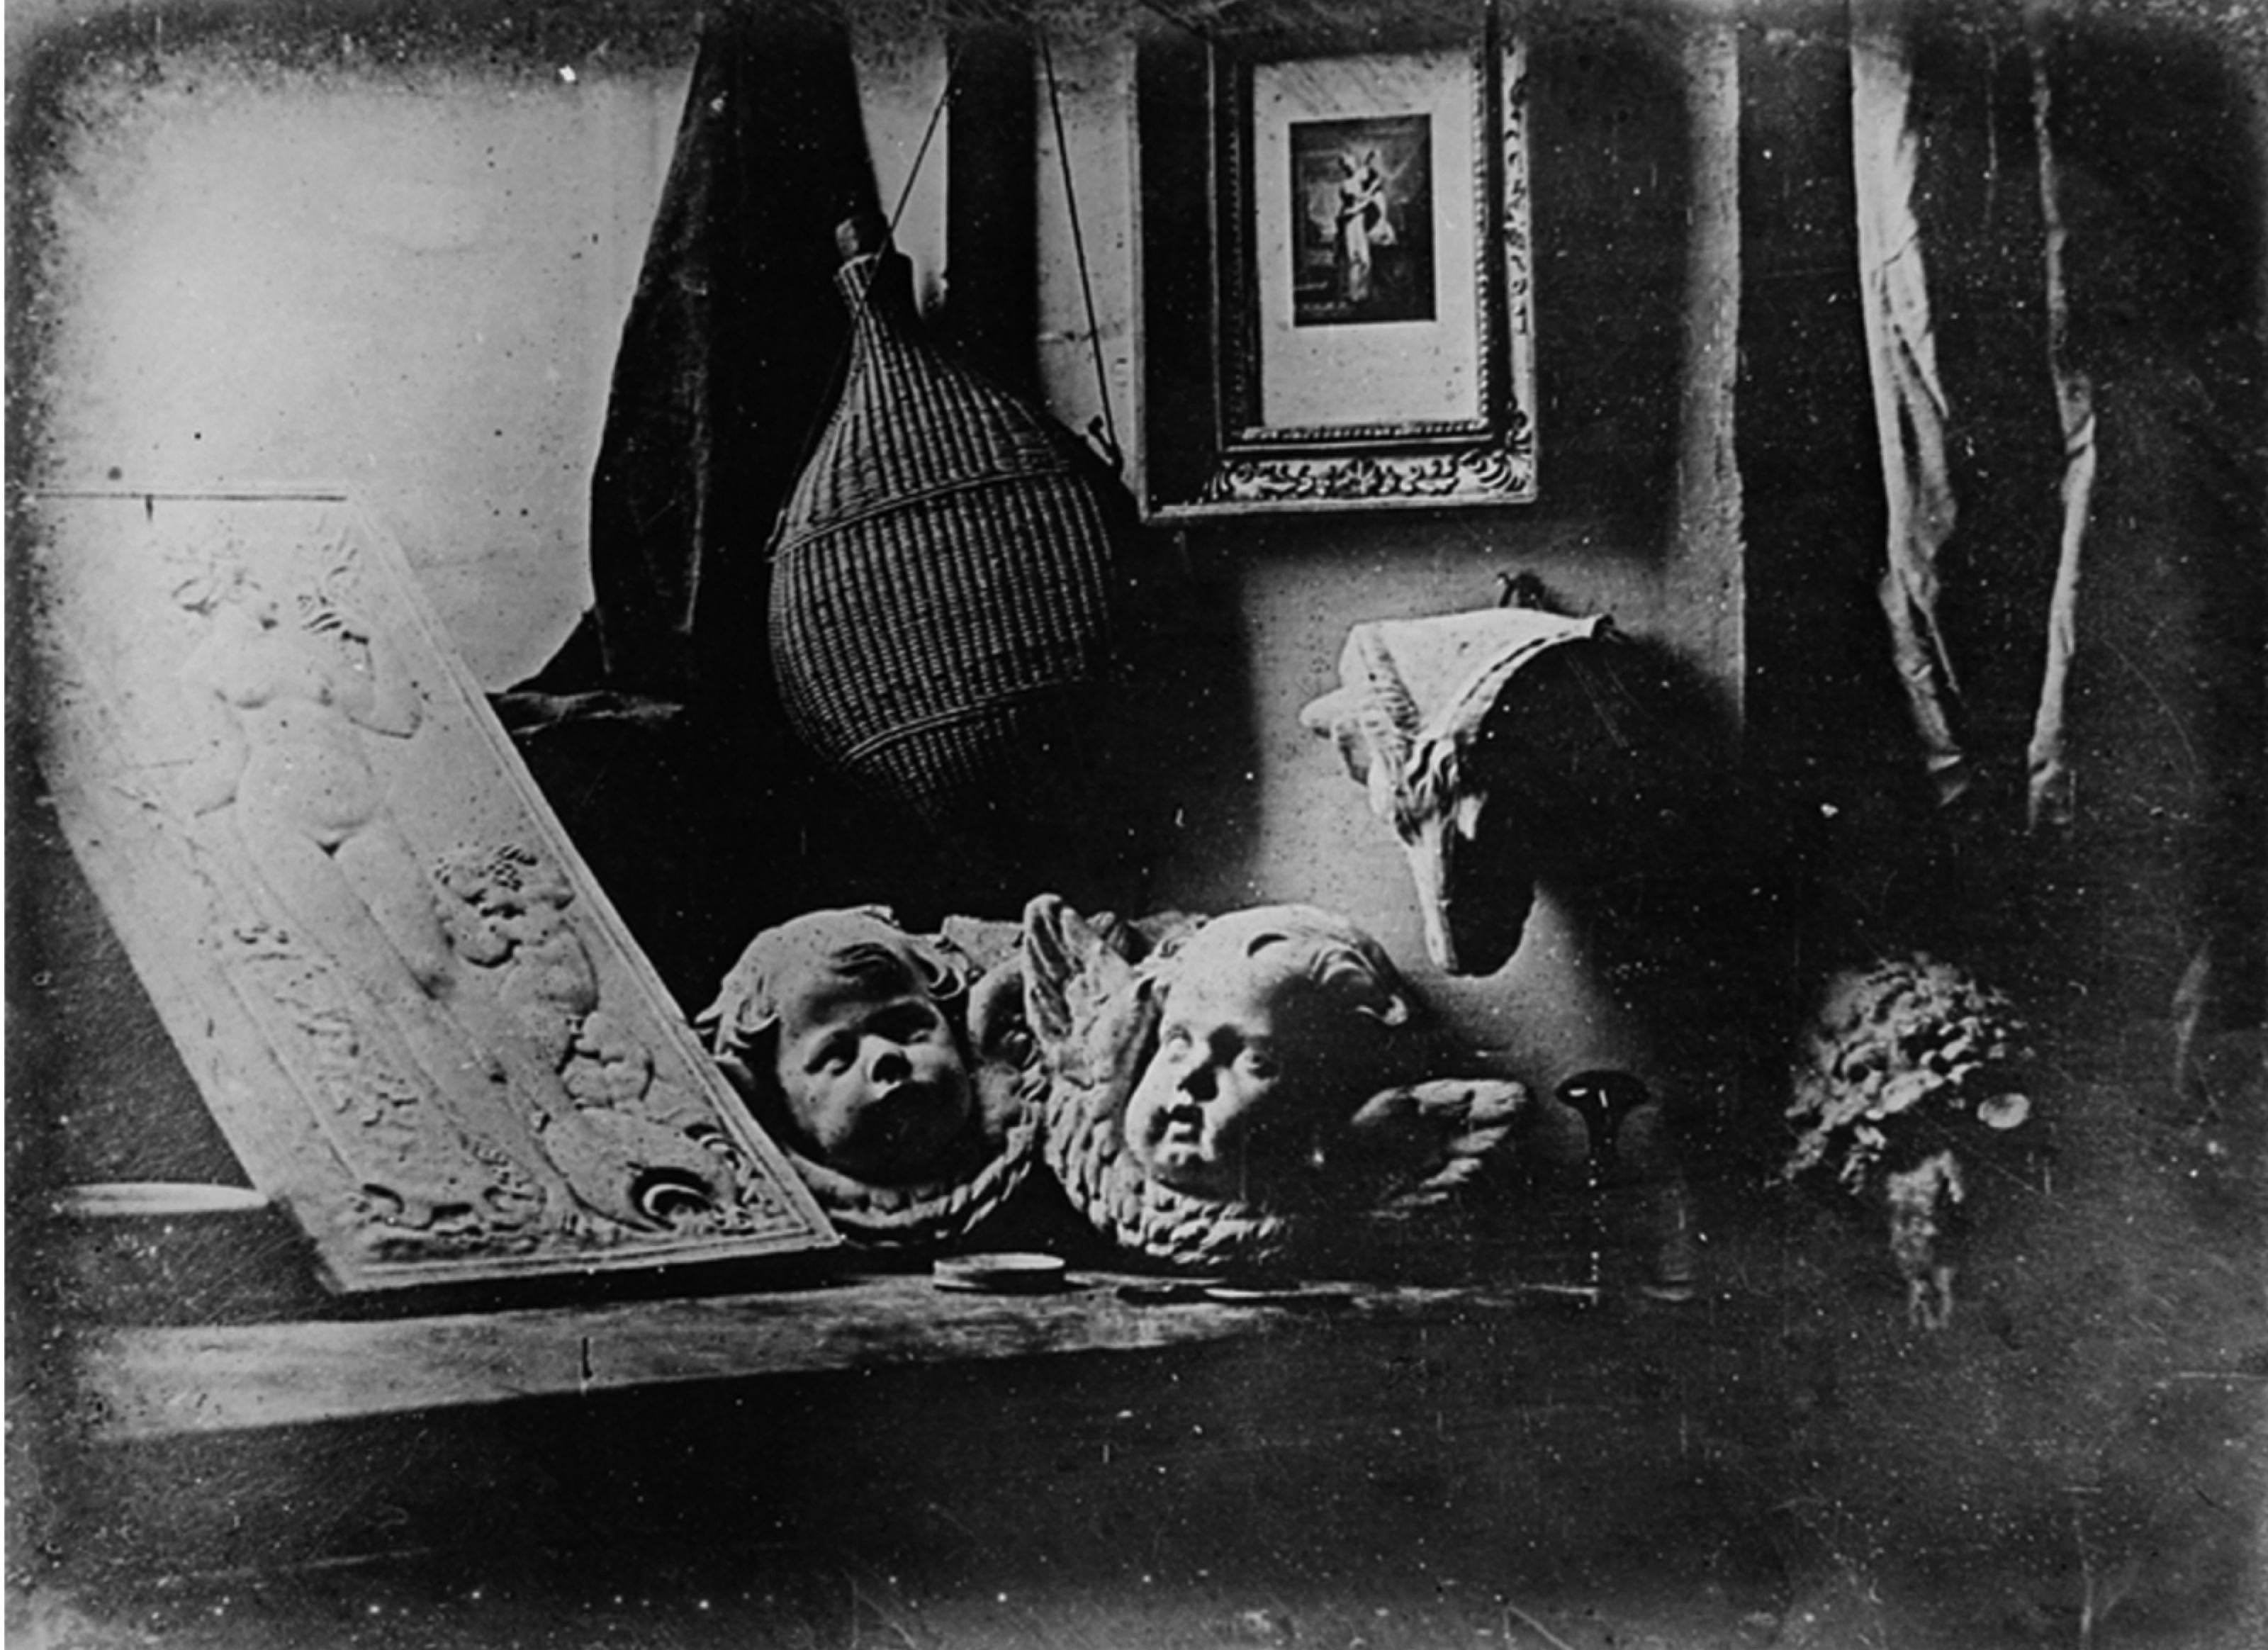 Daguerreotype Daguerre Atelier 1837